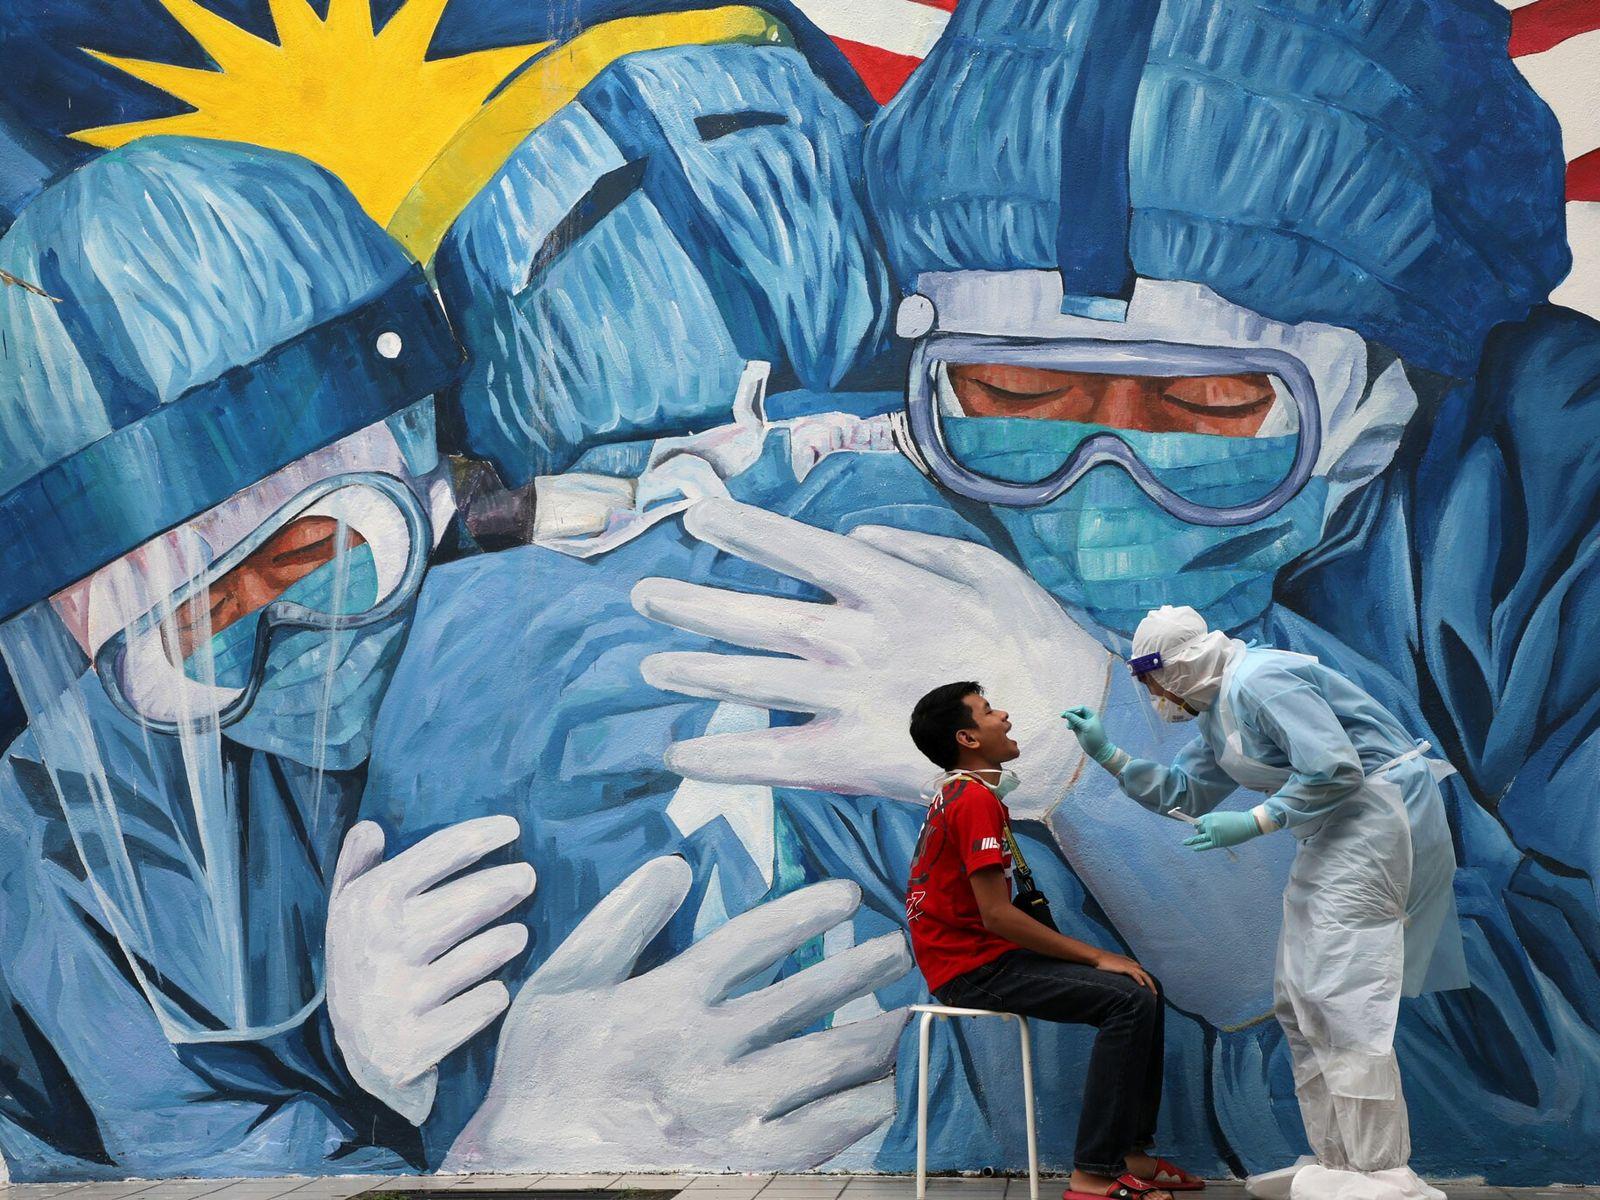 Um médico recolhe uma amostra com zaragatoa para um teste COVID-19 no exterior da Clínica Ajwa ...